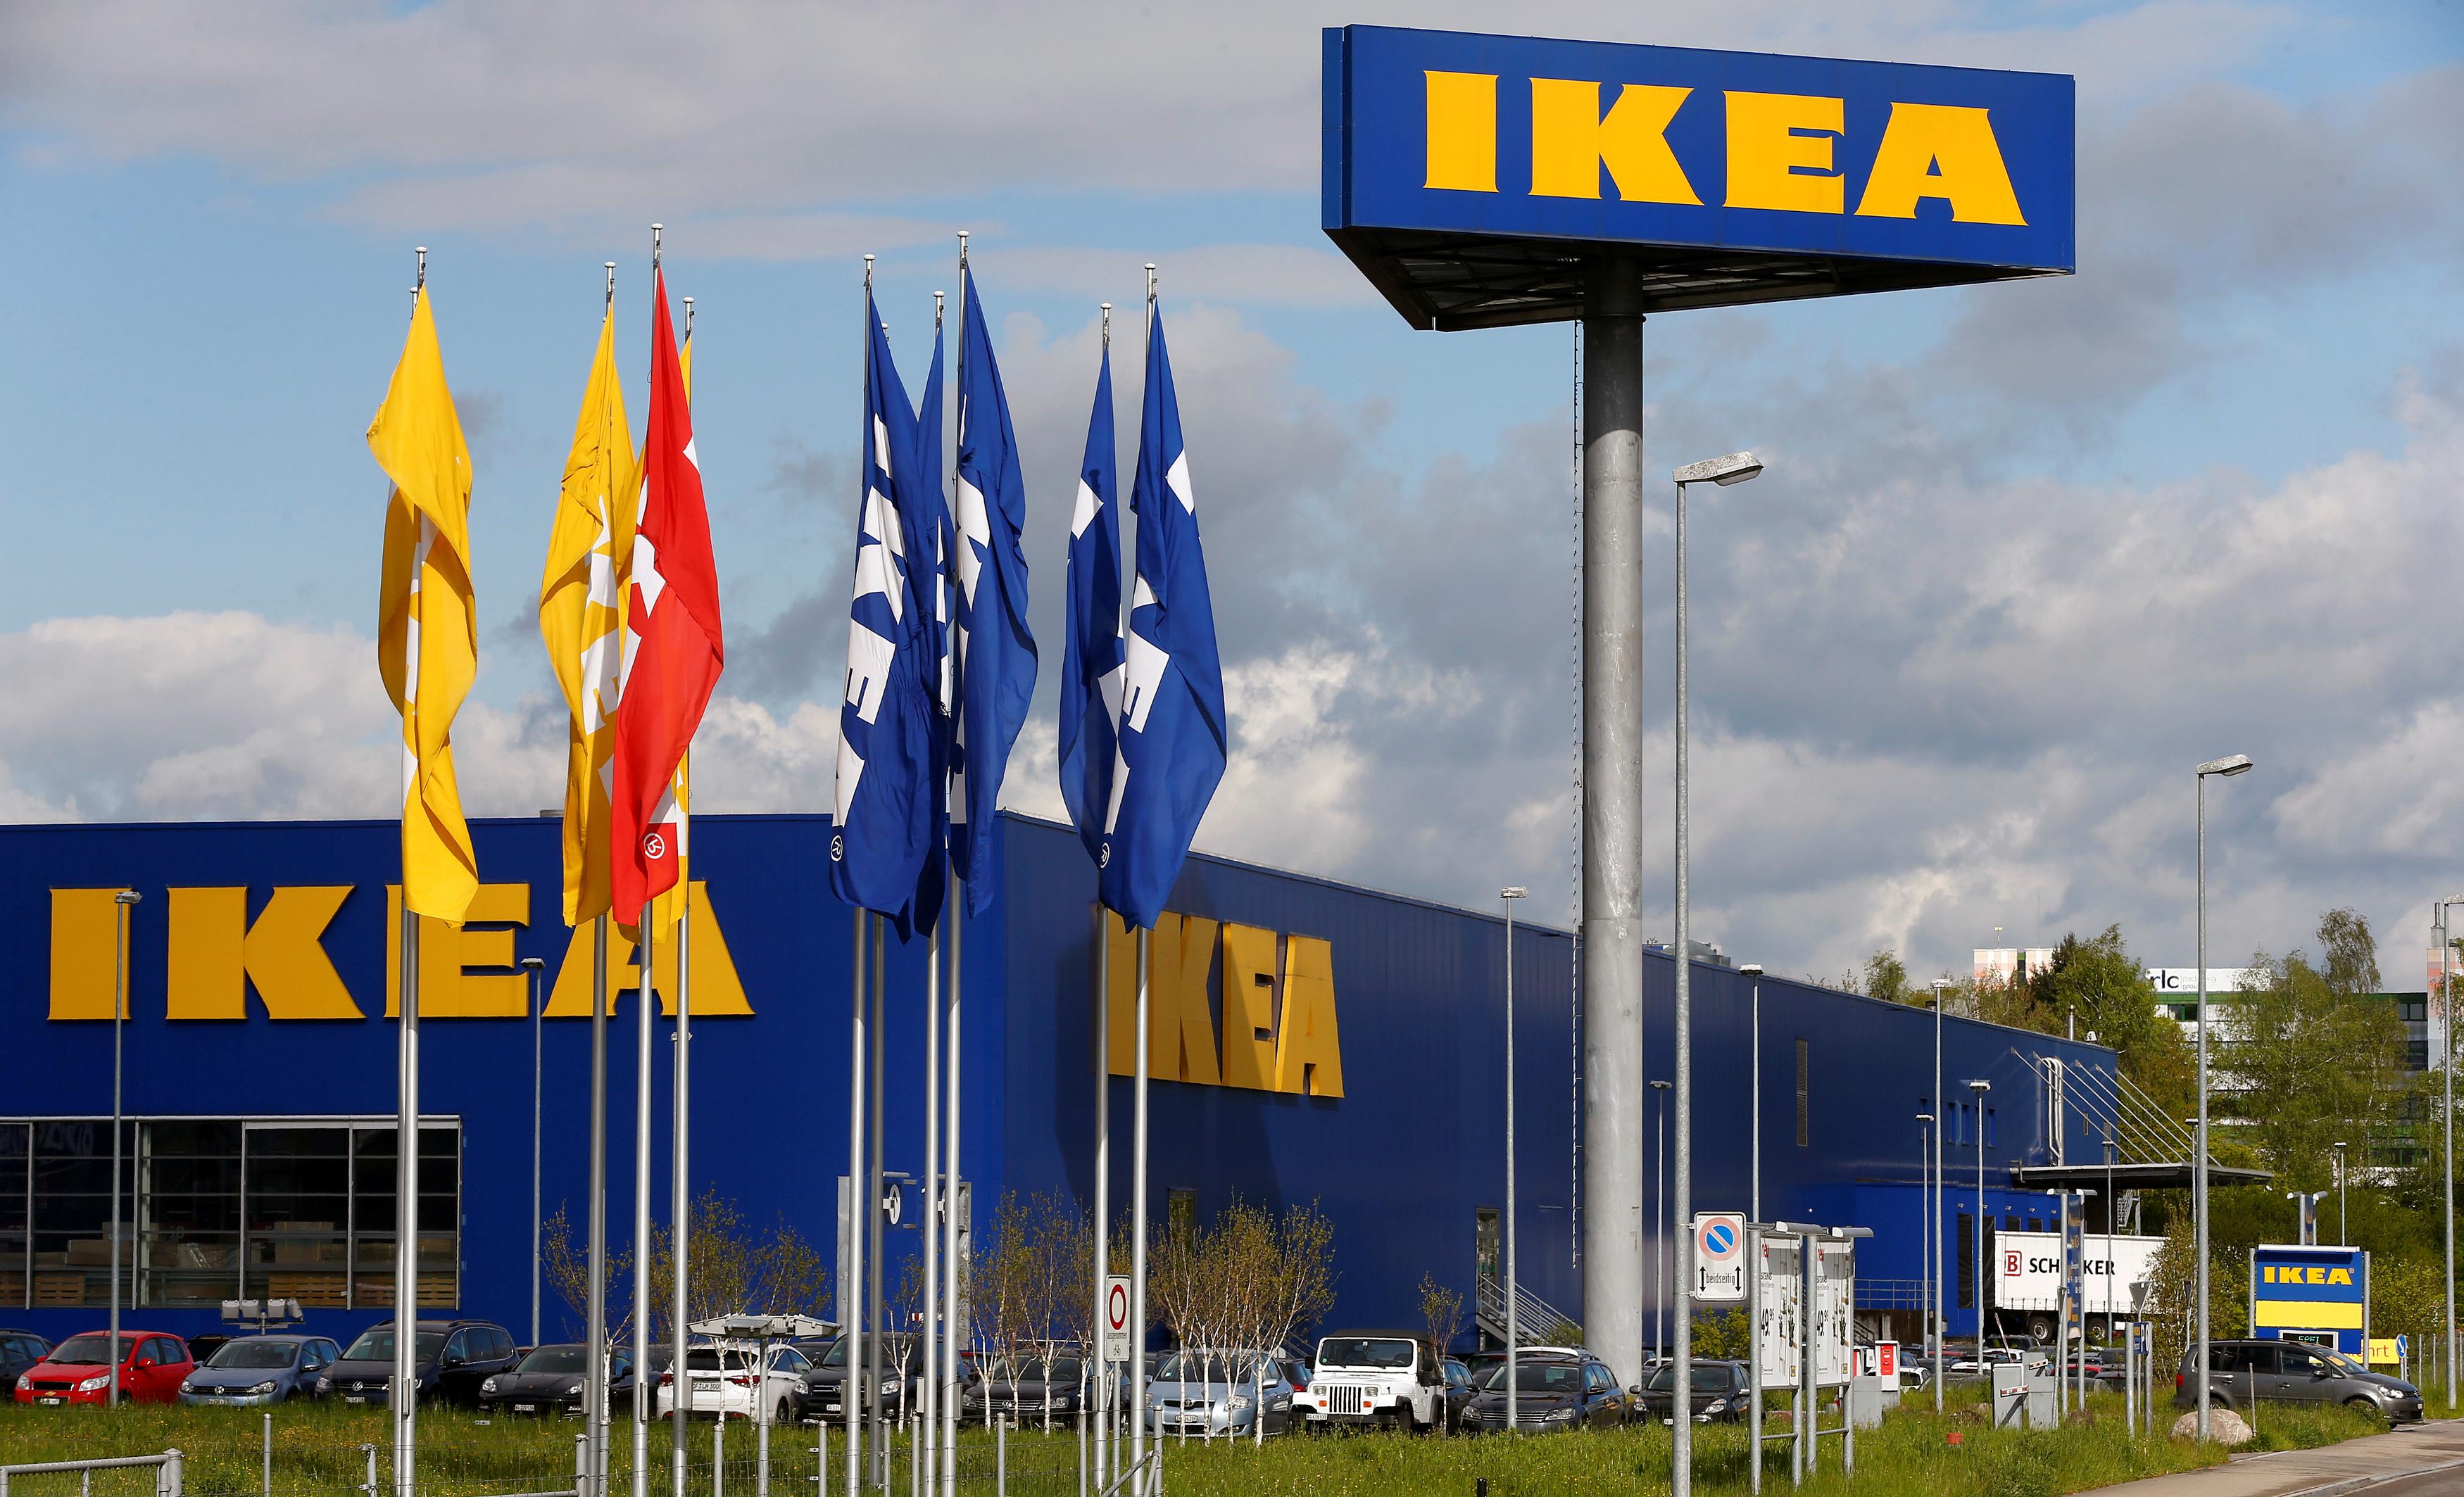 Ikea lanzará 750 empleos en España : cómo acceder a los